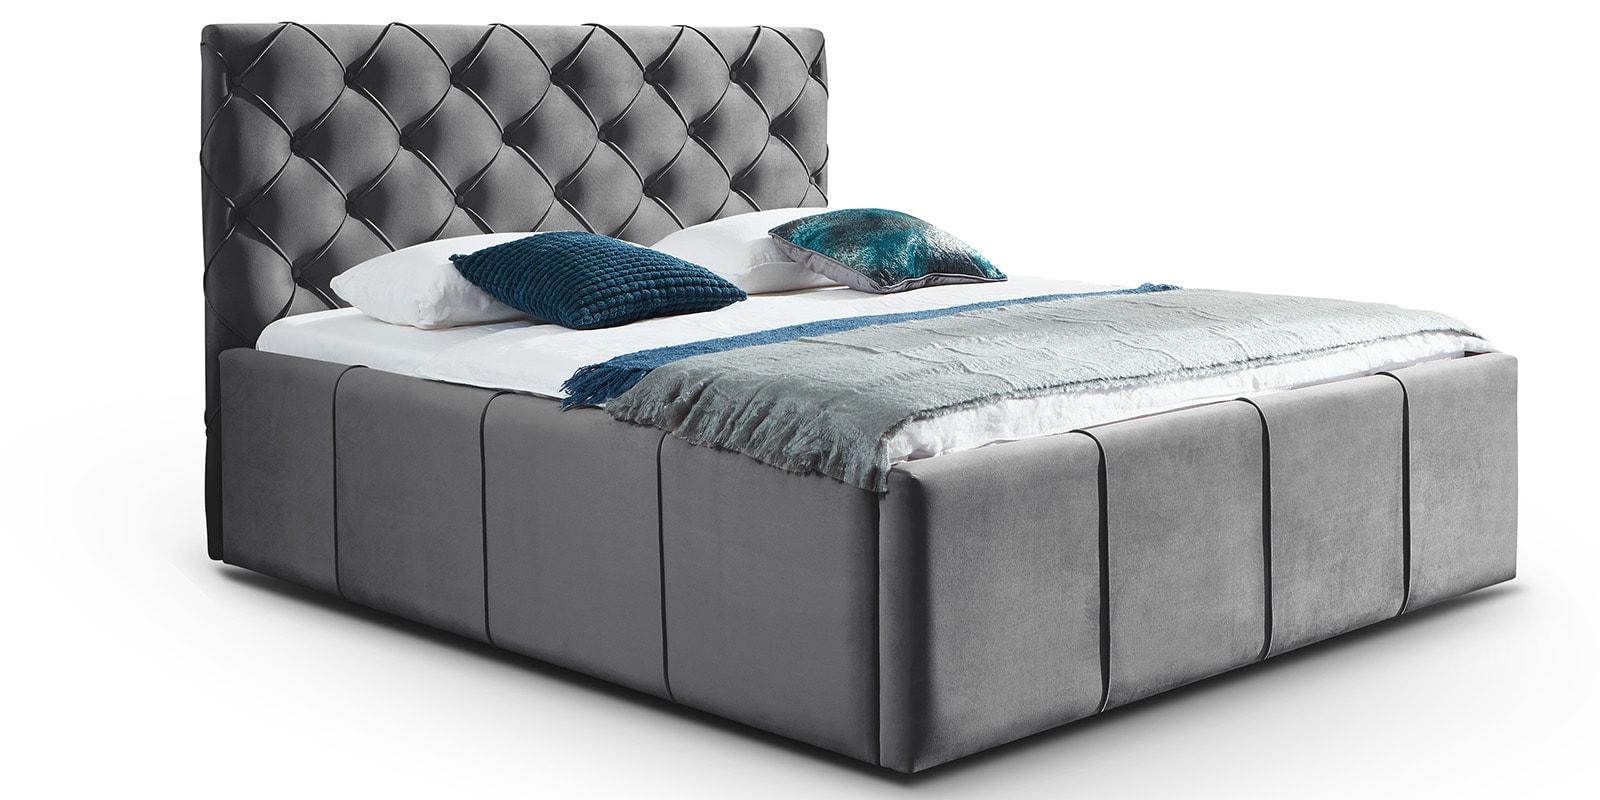 Bett mit Bettkasten › XXL-Stauraum in Samtstoff | Moebella24